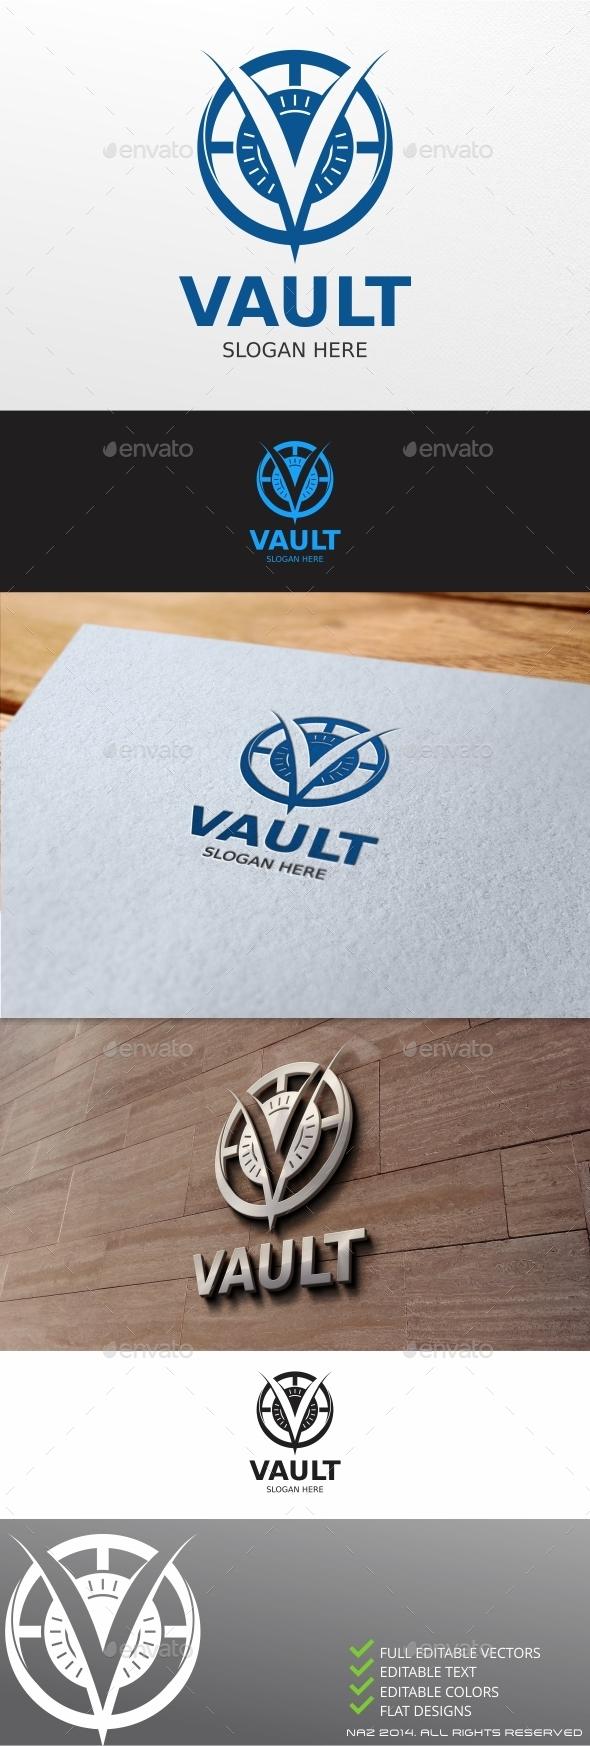 GraphicRiver Vault Logo 9895718